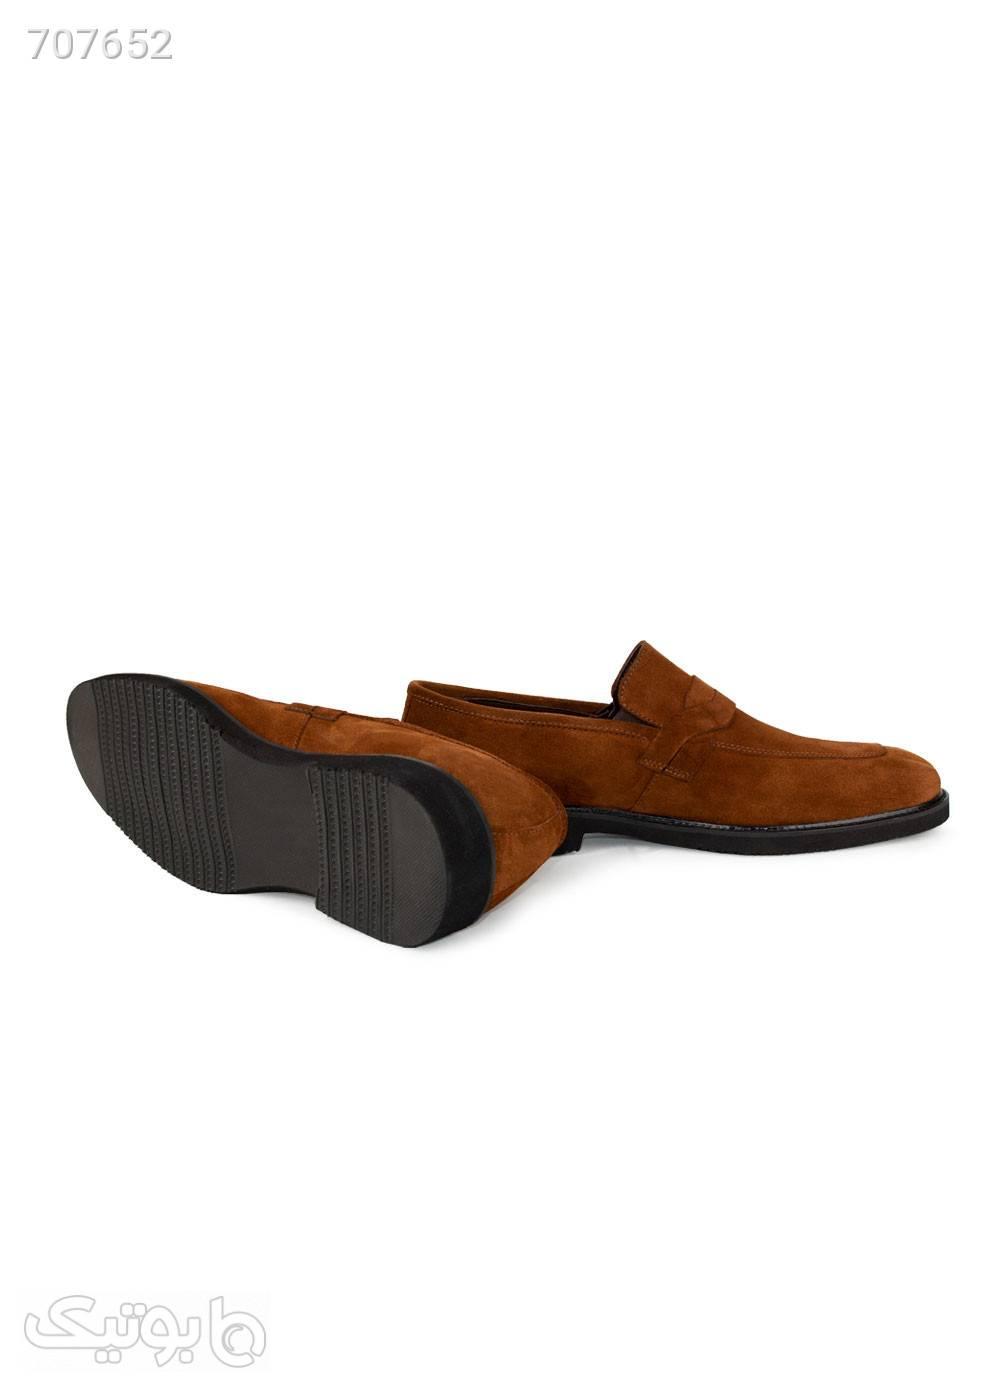 کفش کلاسیک مردانه مافیا مشکی كفش مردانه